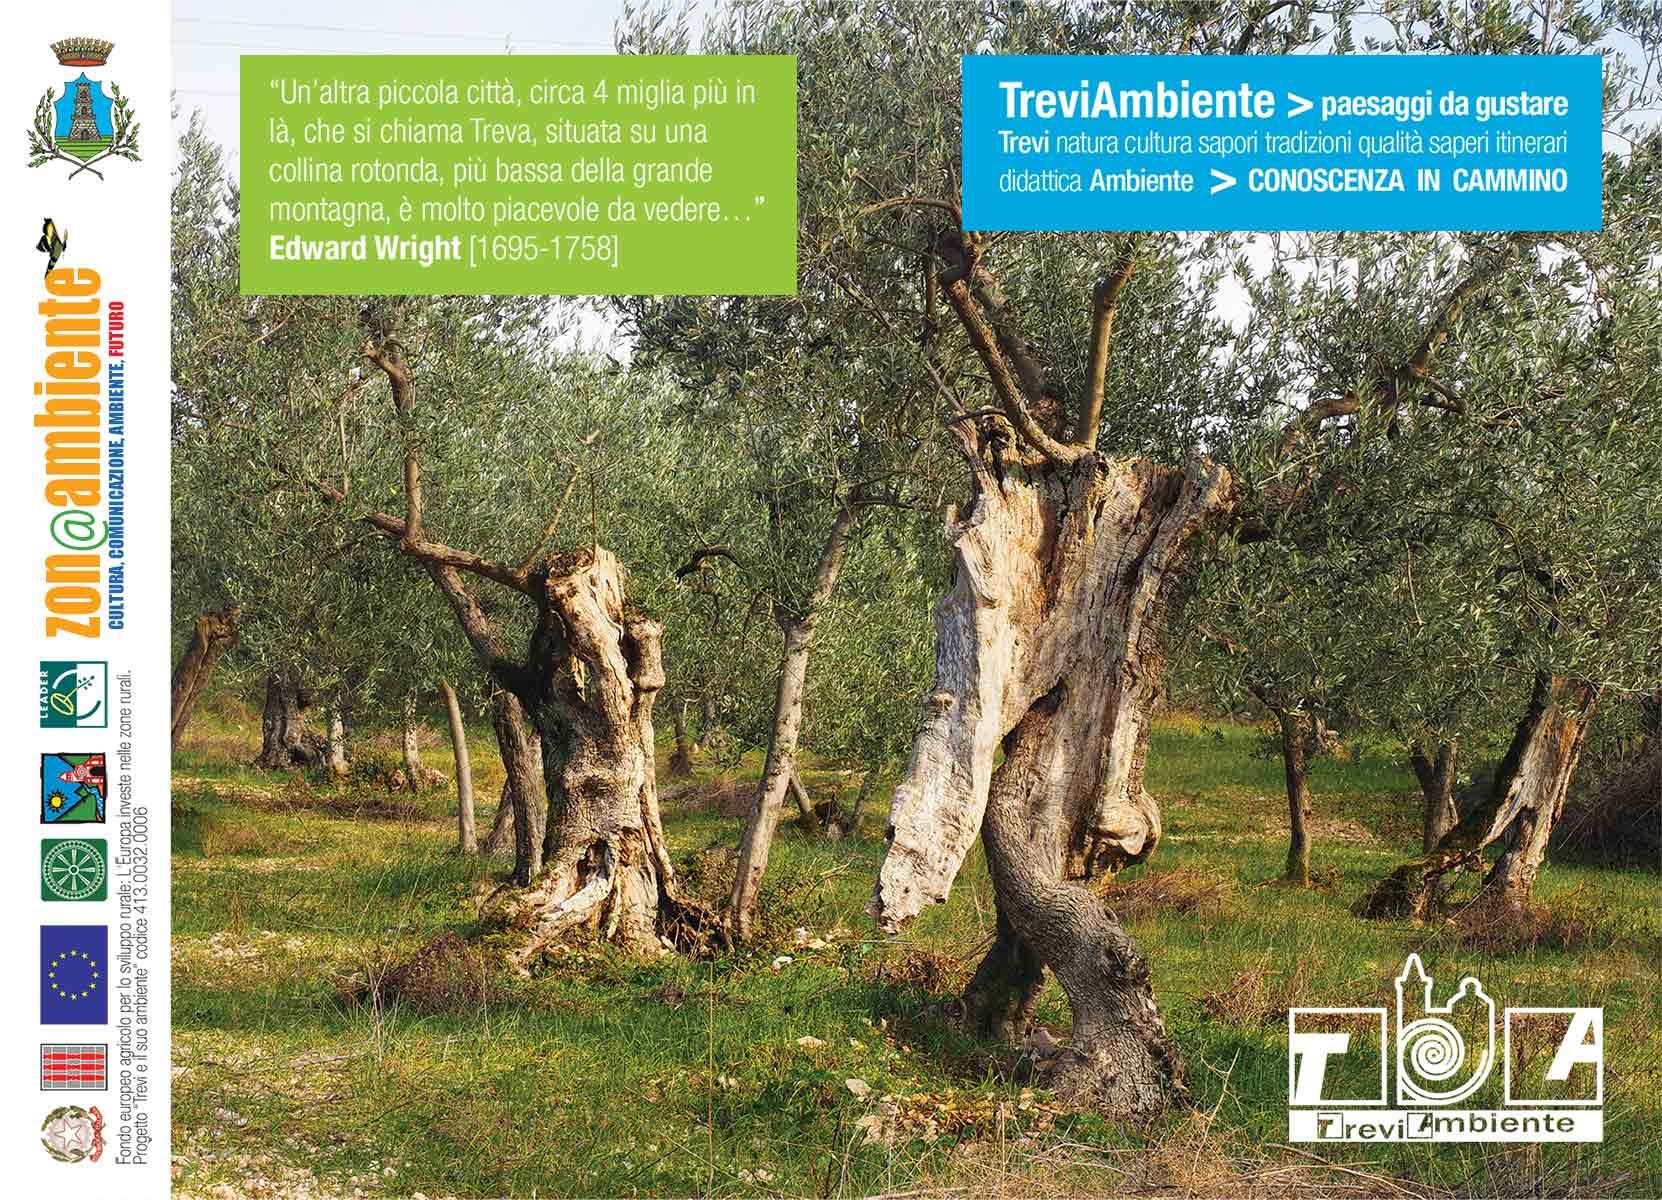 Brochure-TreviAmbiente-2015-web